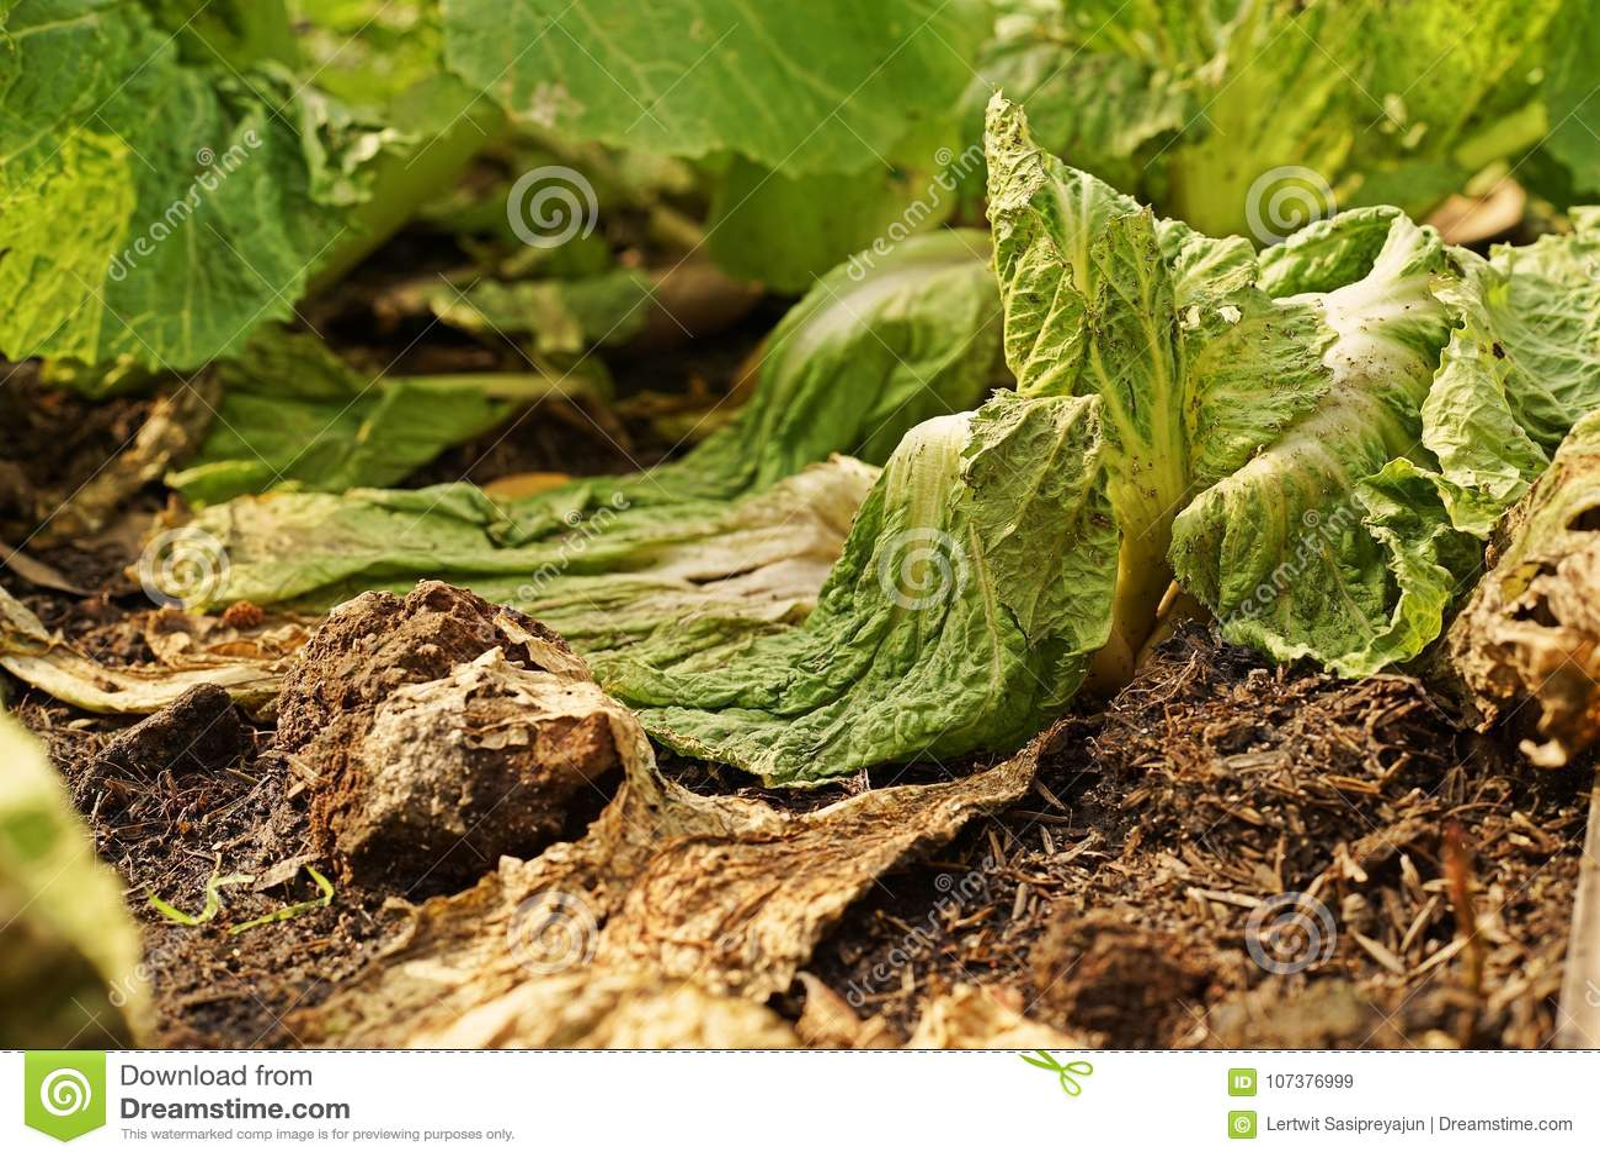 Doença do legume com folhas das bactérias